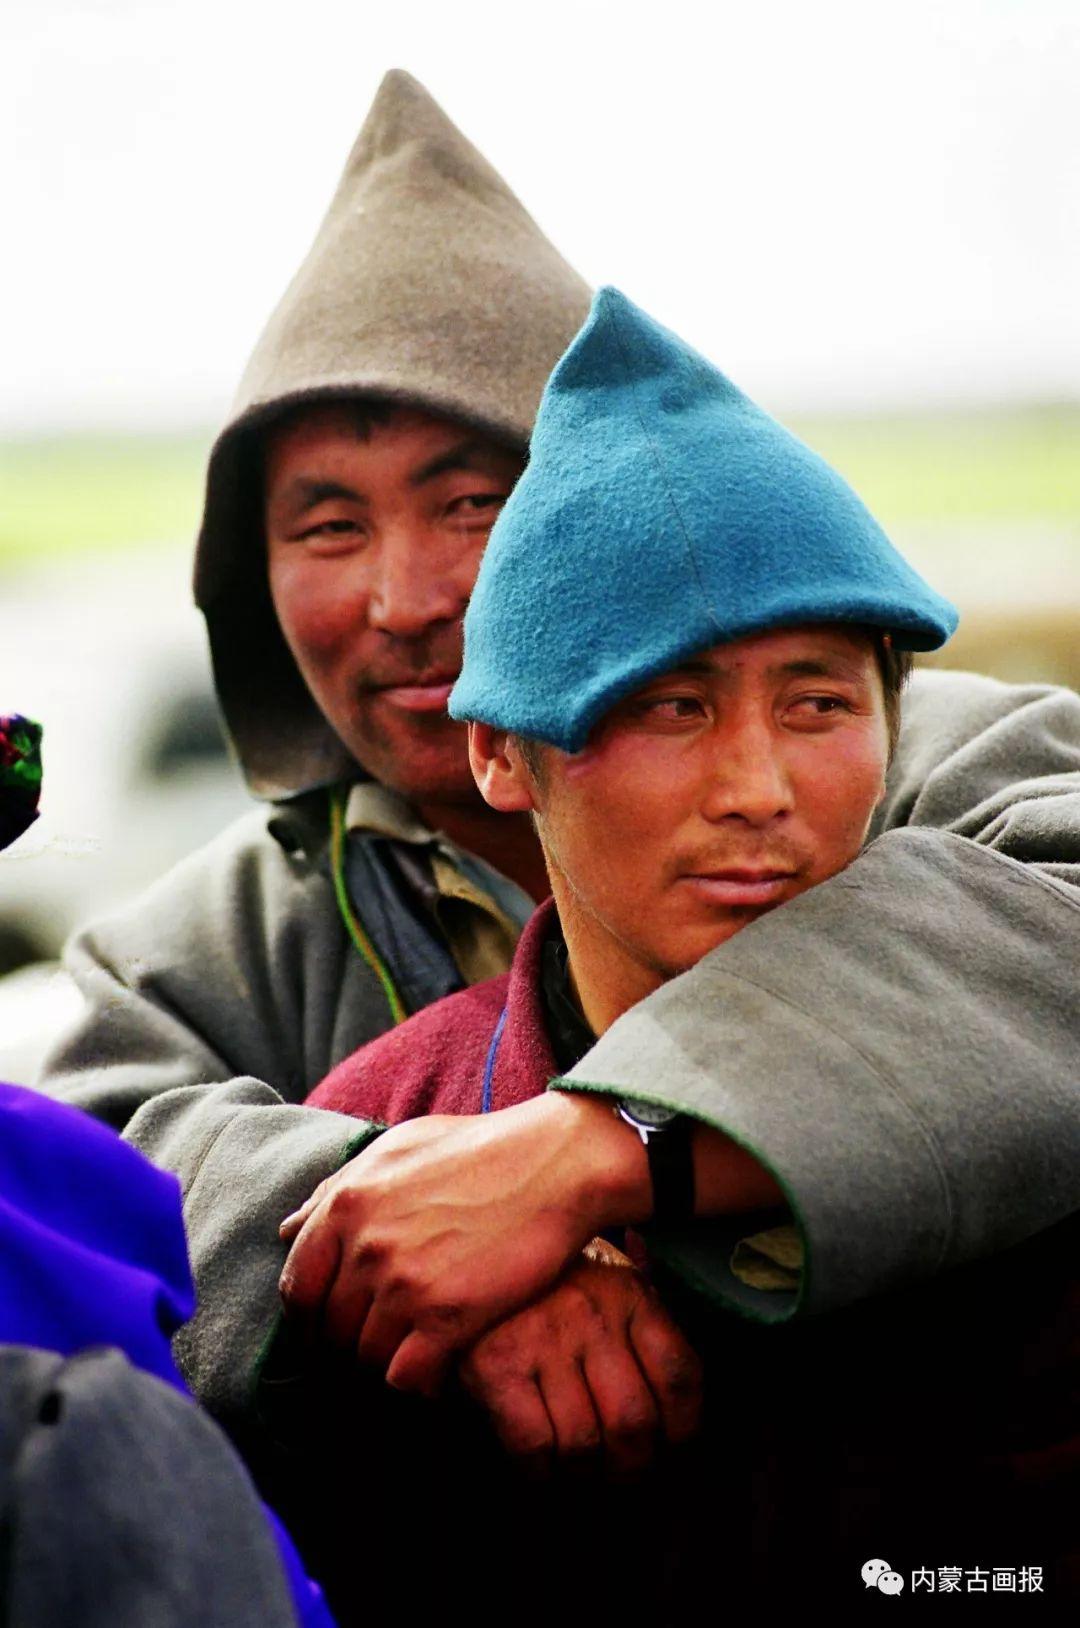 服饰之首——蒙古族冠帽 第17张 服饰之首——蒙古族冠帽 蒙古服饰